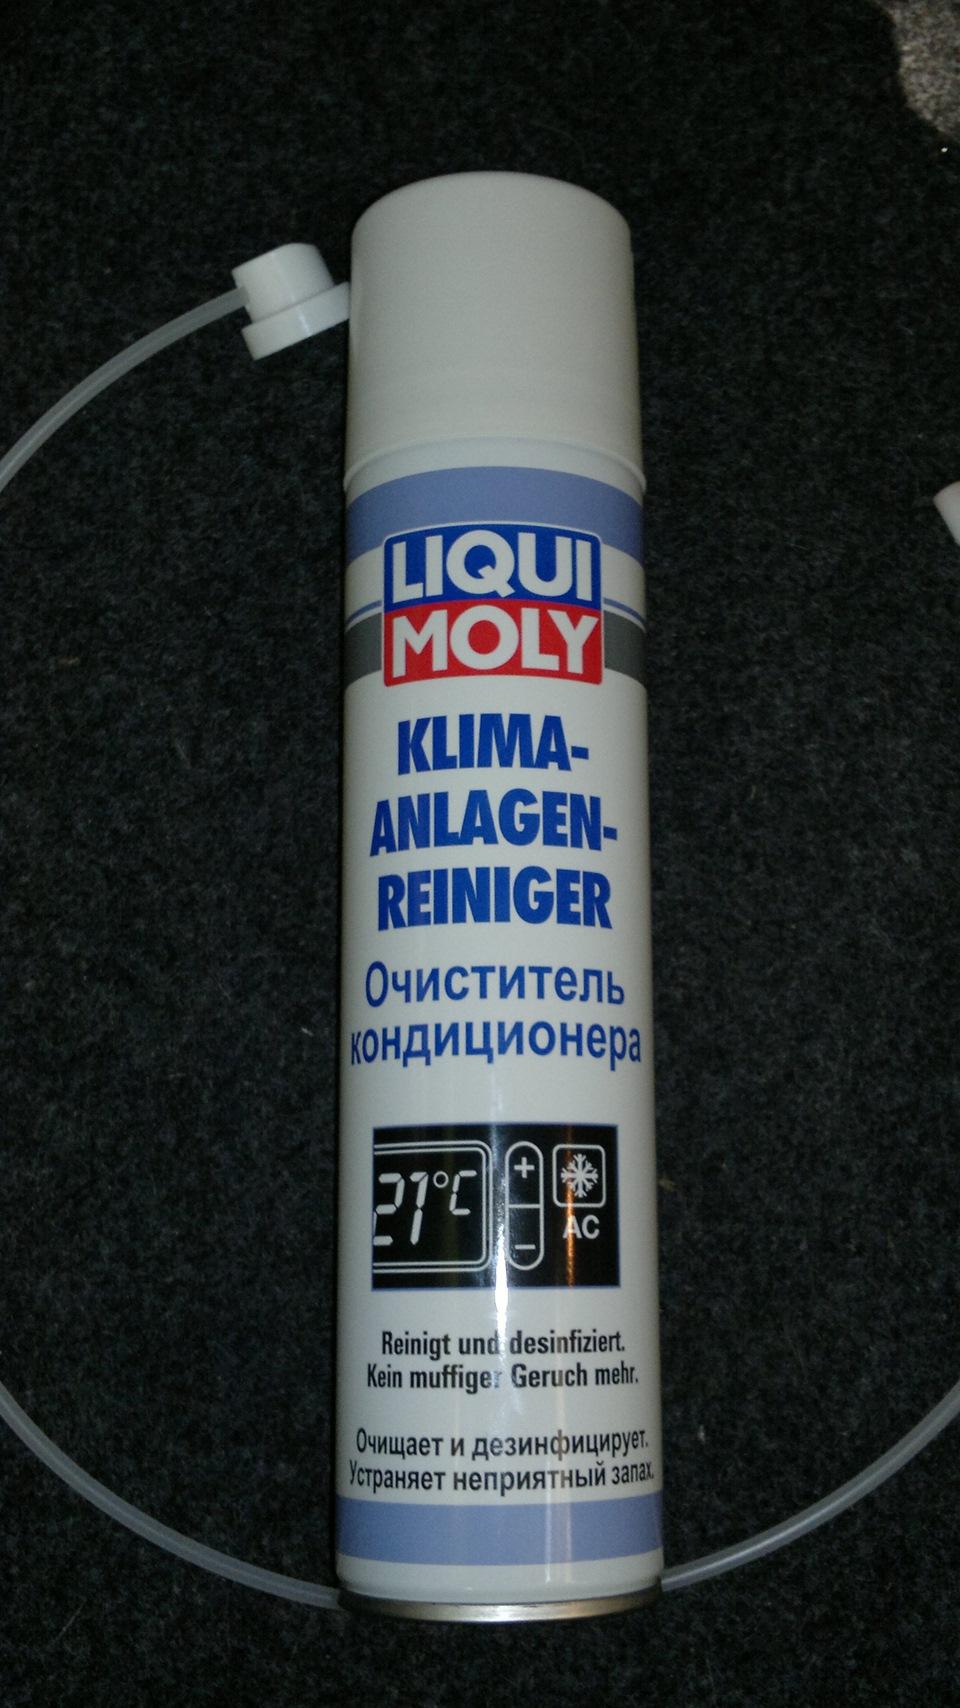 Очиститель кондиционера LIQUI MOLY Klima-Anlagen-Reiniger - бортжурнал Volkswagen Golf ? ?.? (122Hp) 2009 года на DRIVE2